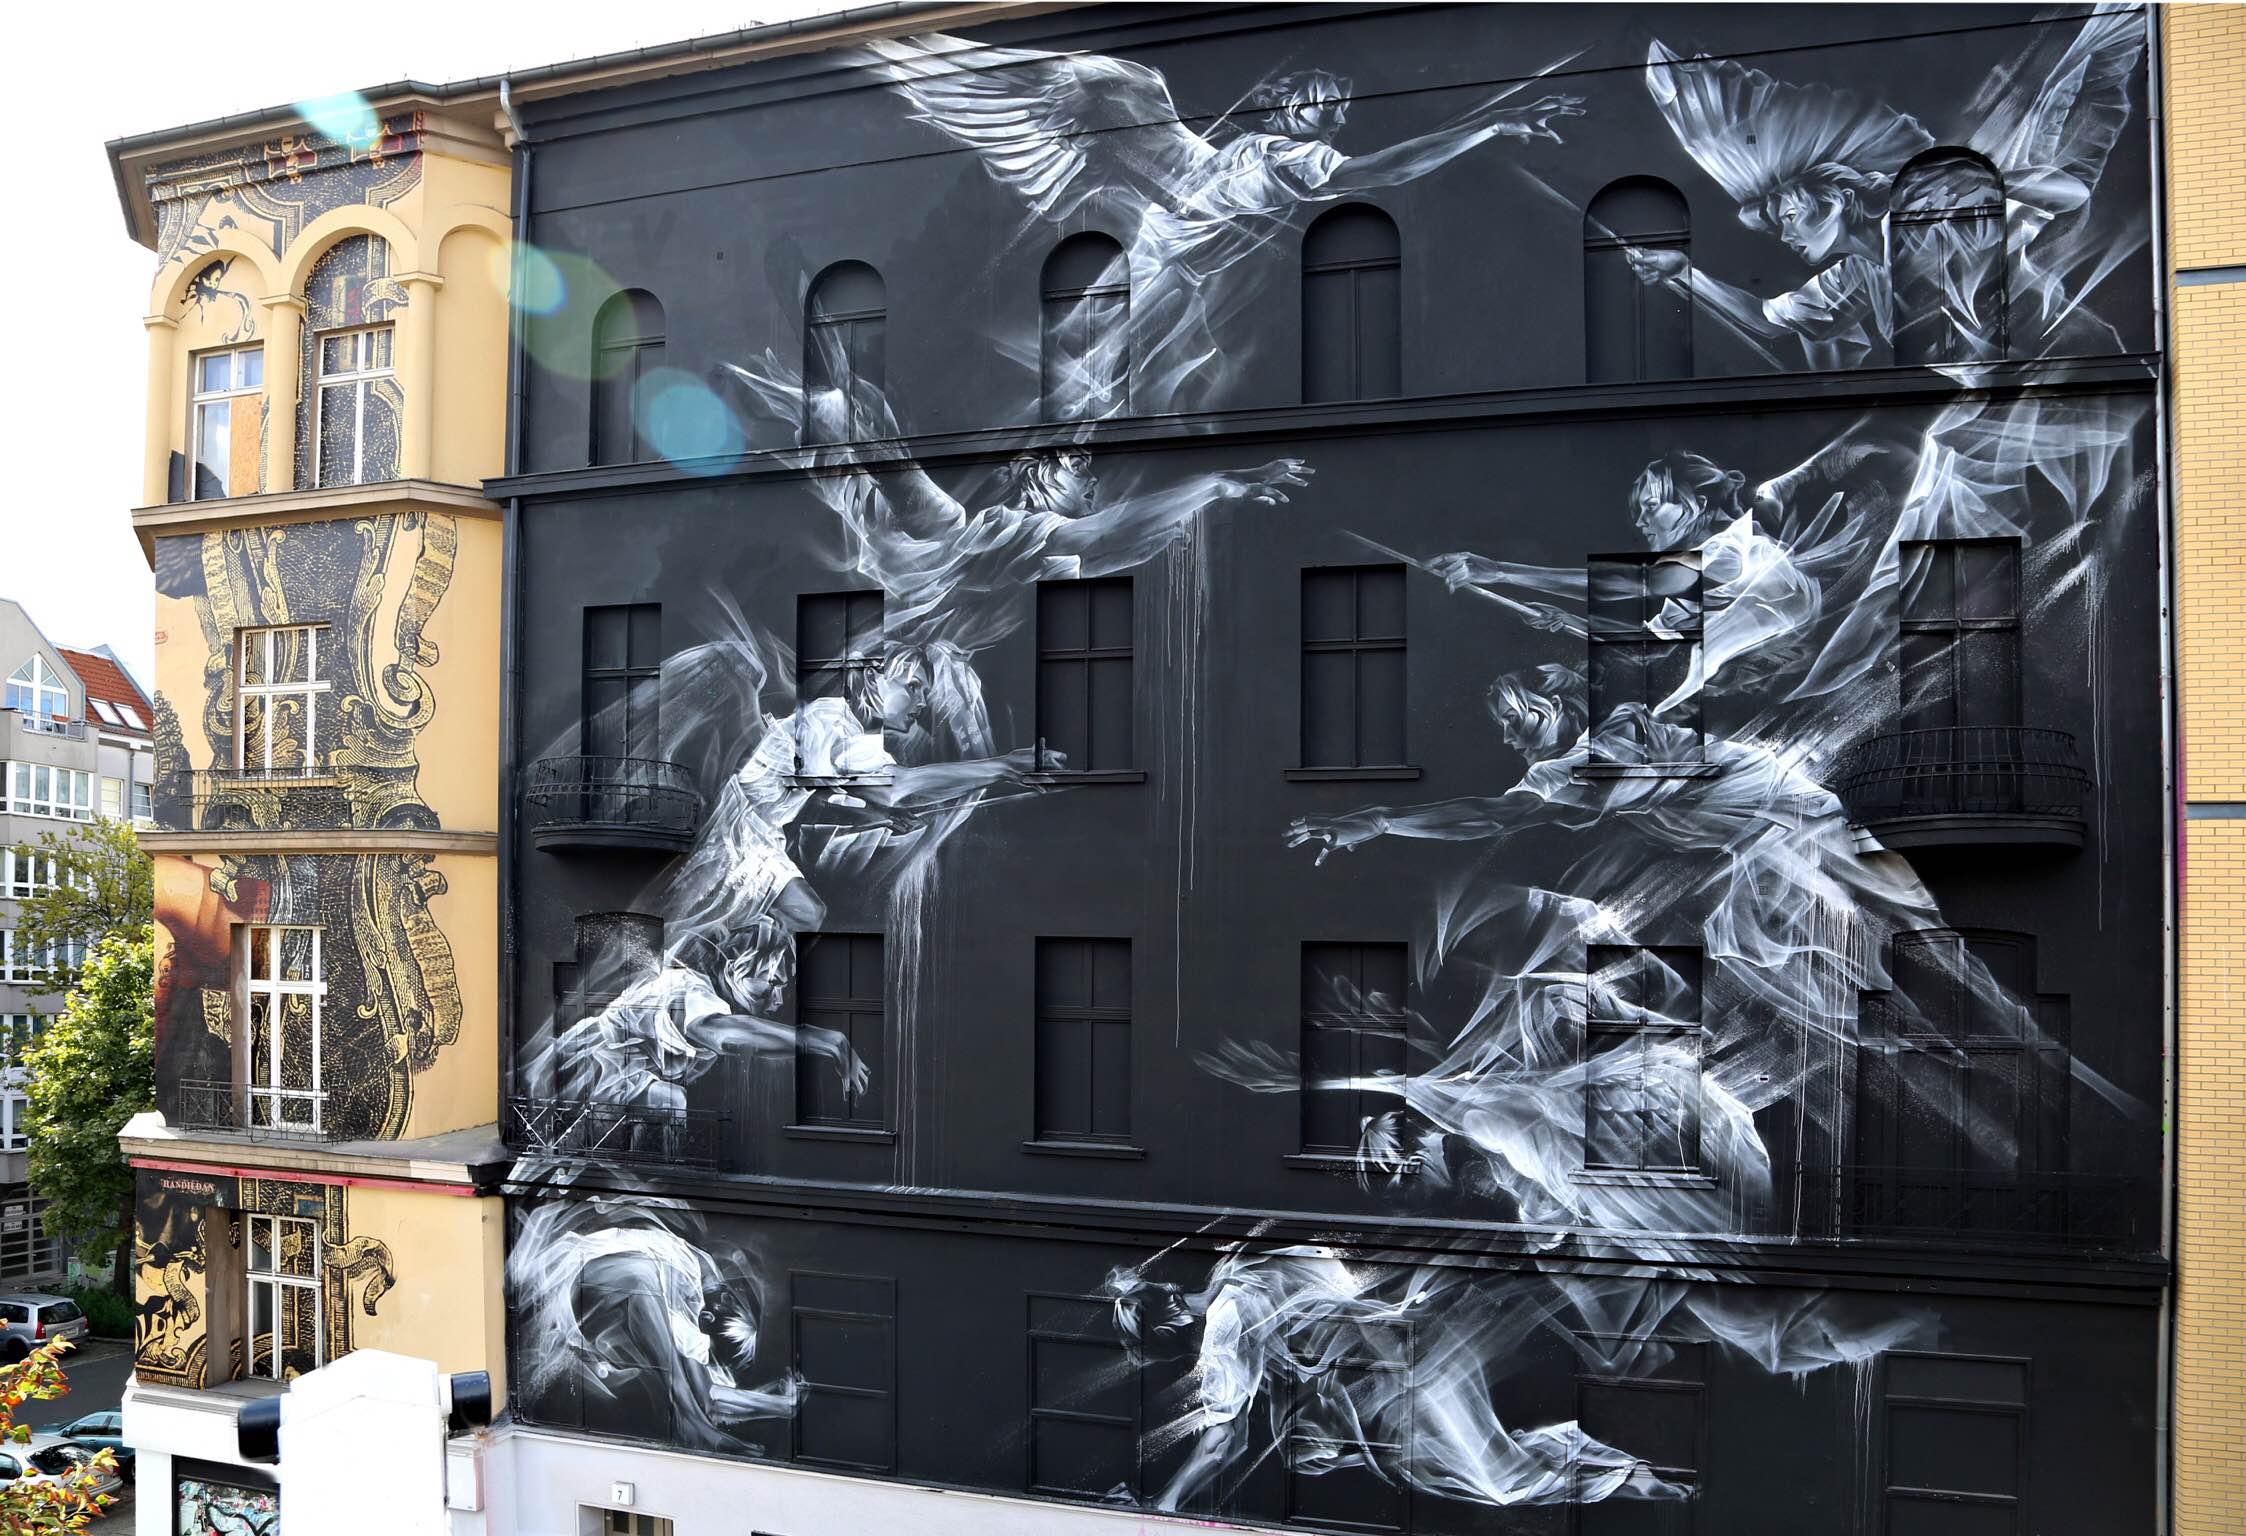 остановки, граффити всего мира картинки занимается профессионально фотопечатью